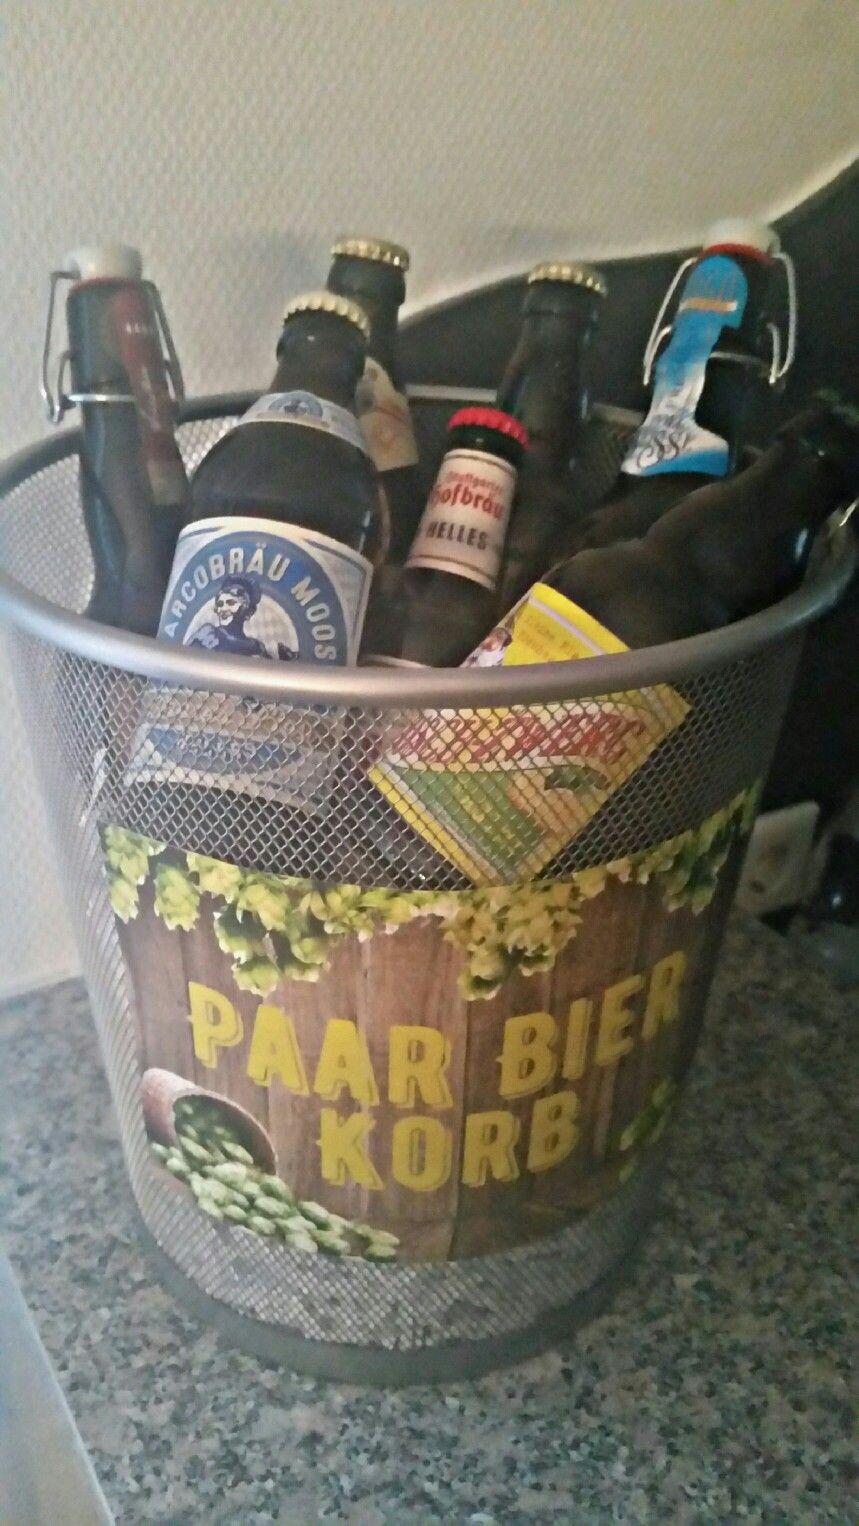 Paar Bier Korb, Biergeschenk für Männer | beer gift for men ...